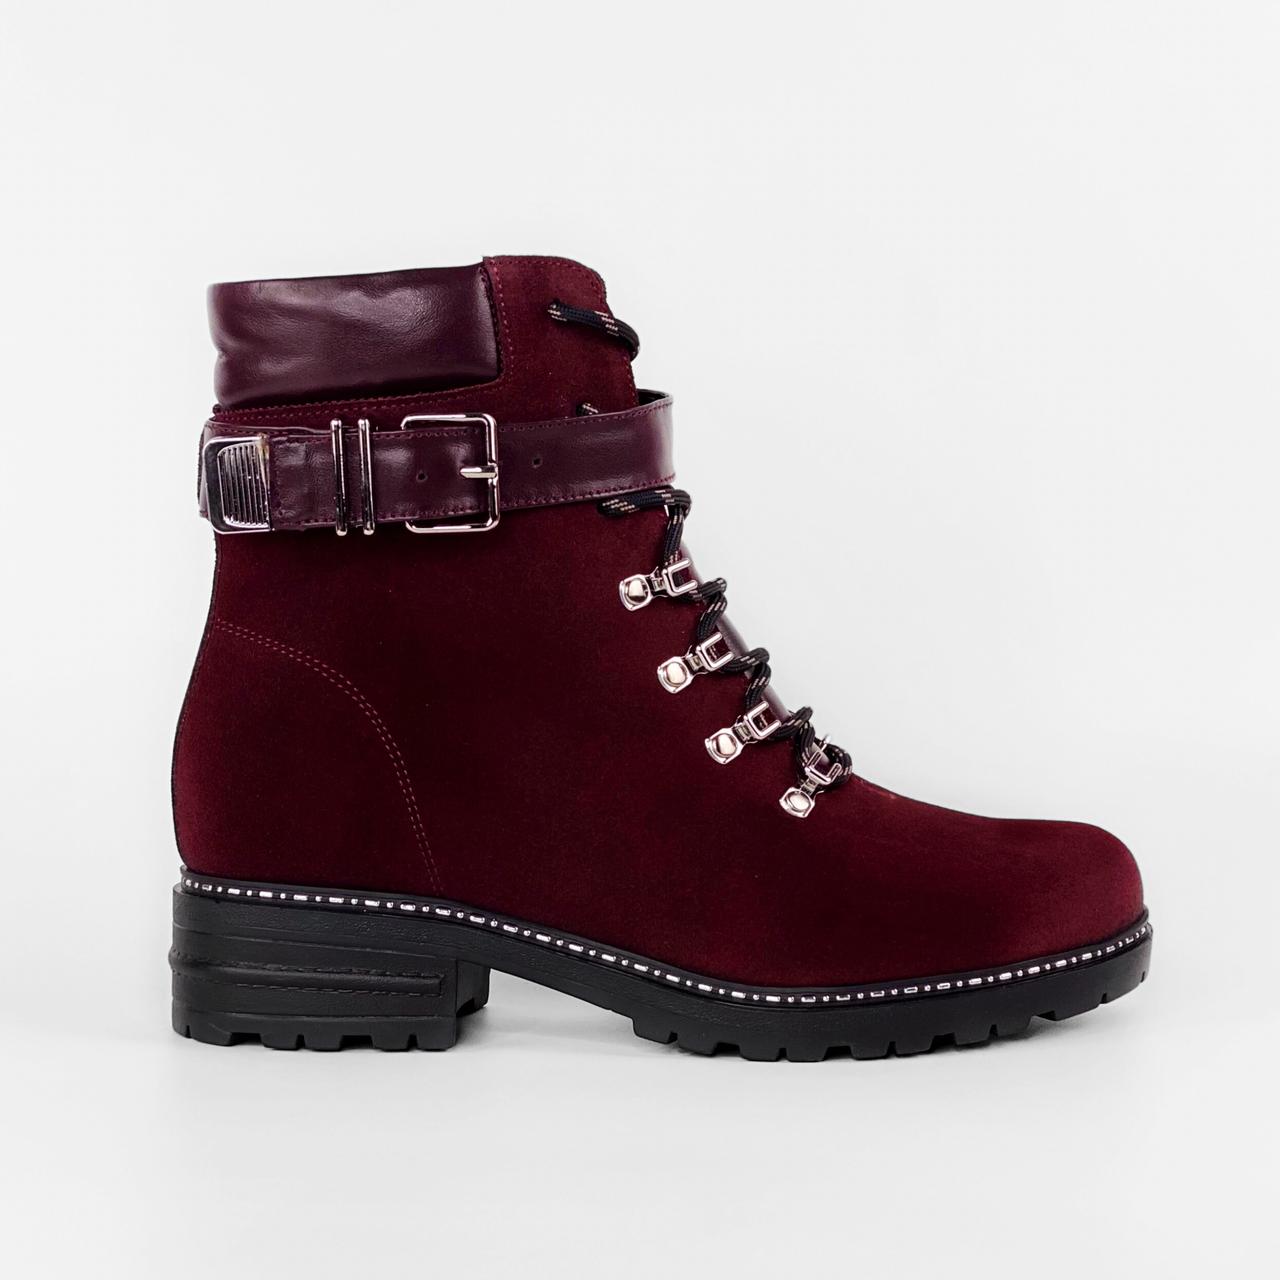 Ботинки женские замшевые бордовые на шнурках с ремнем MORENTO зимние